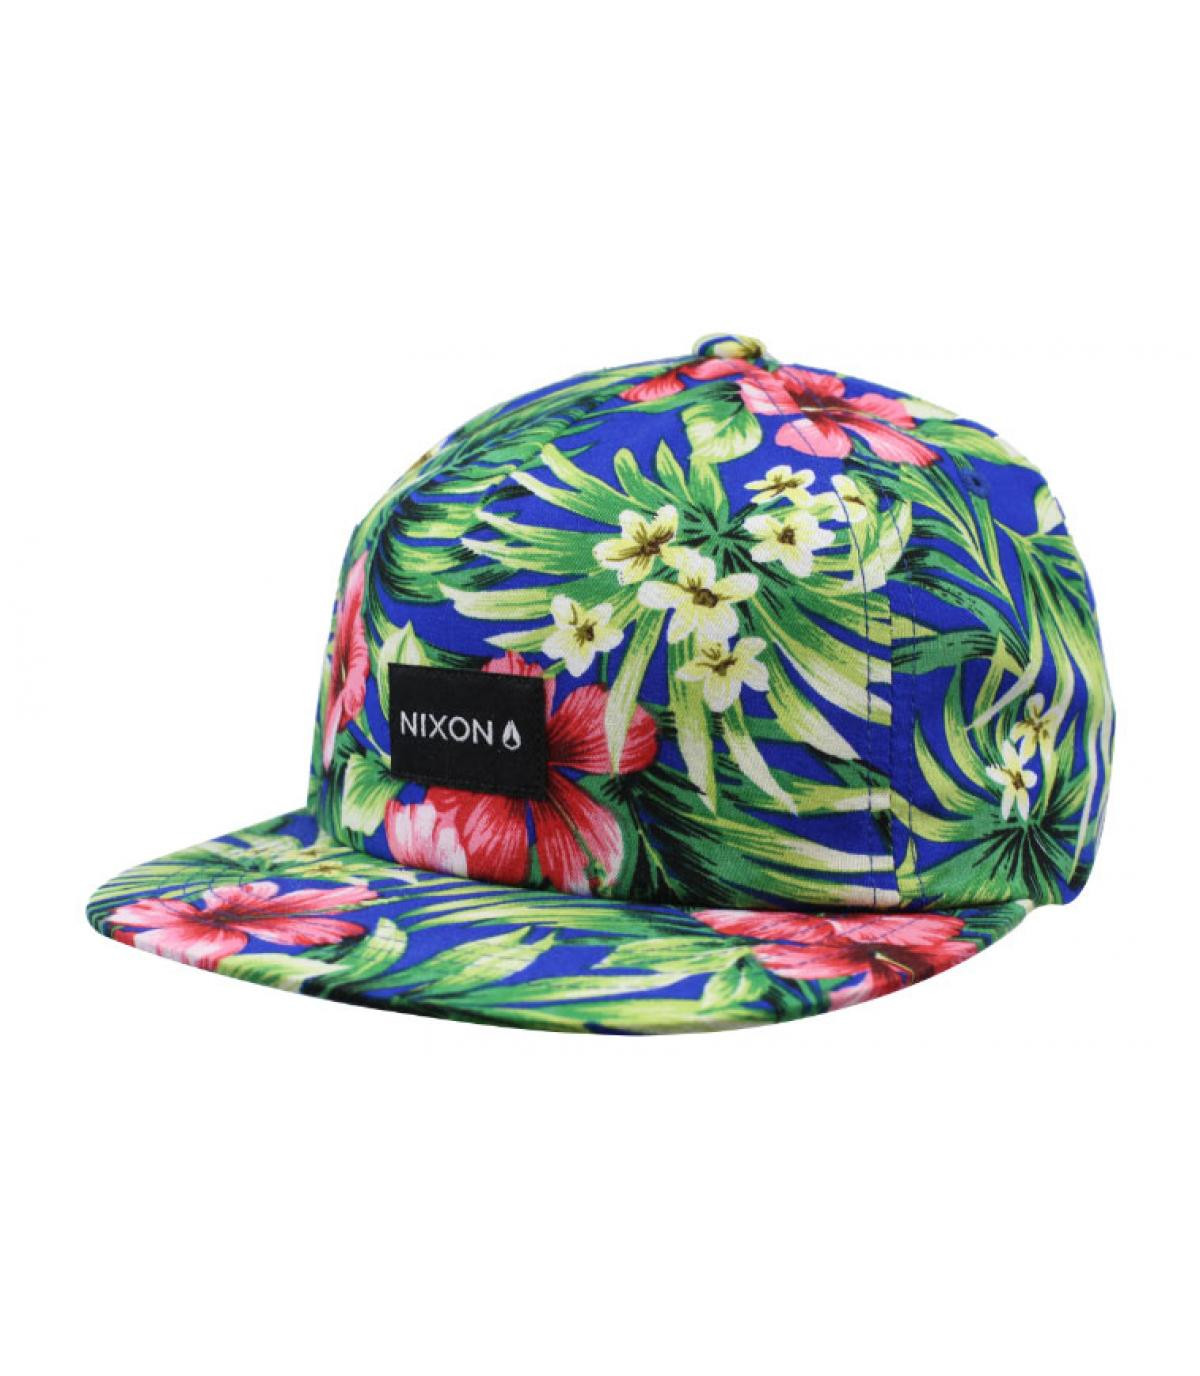 berretto di fiori Nixon